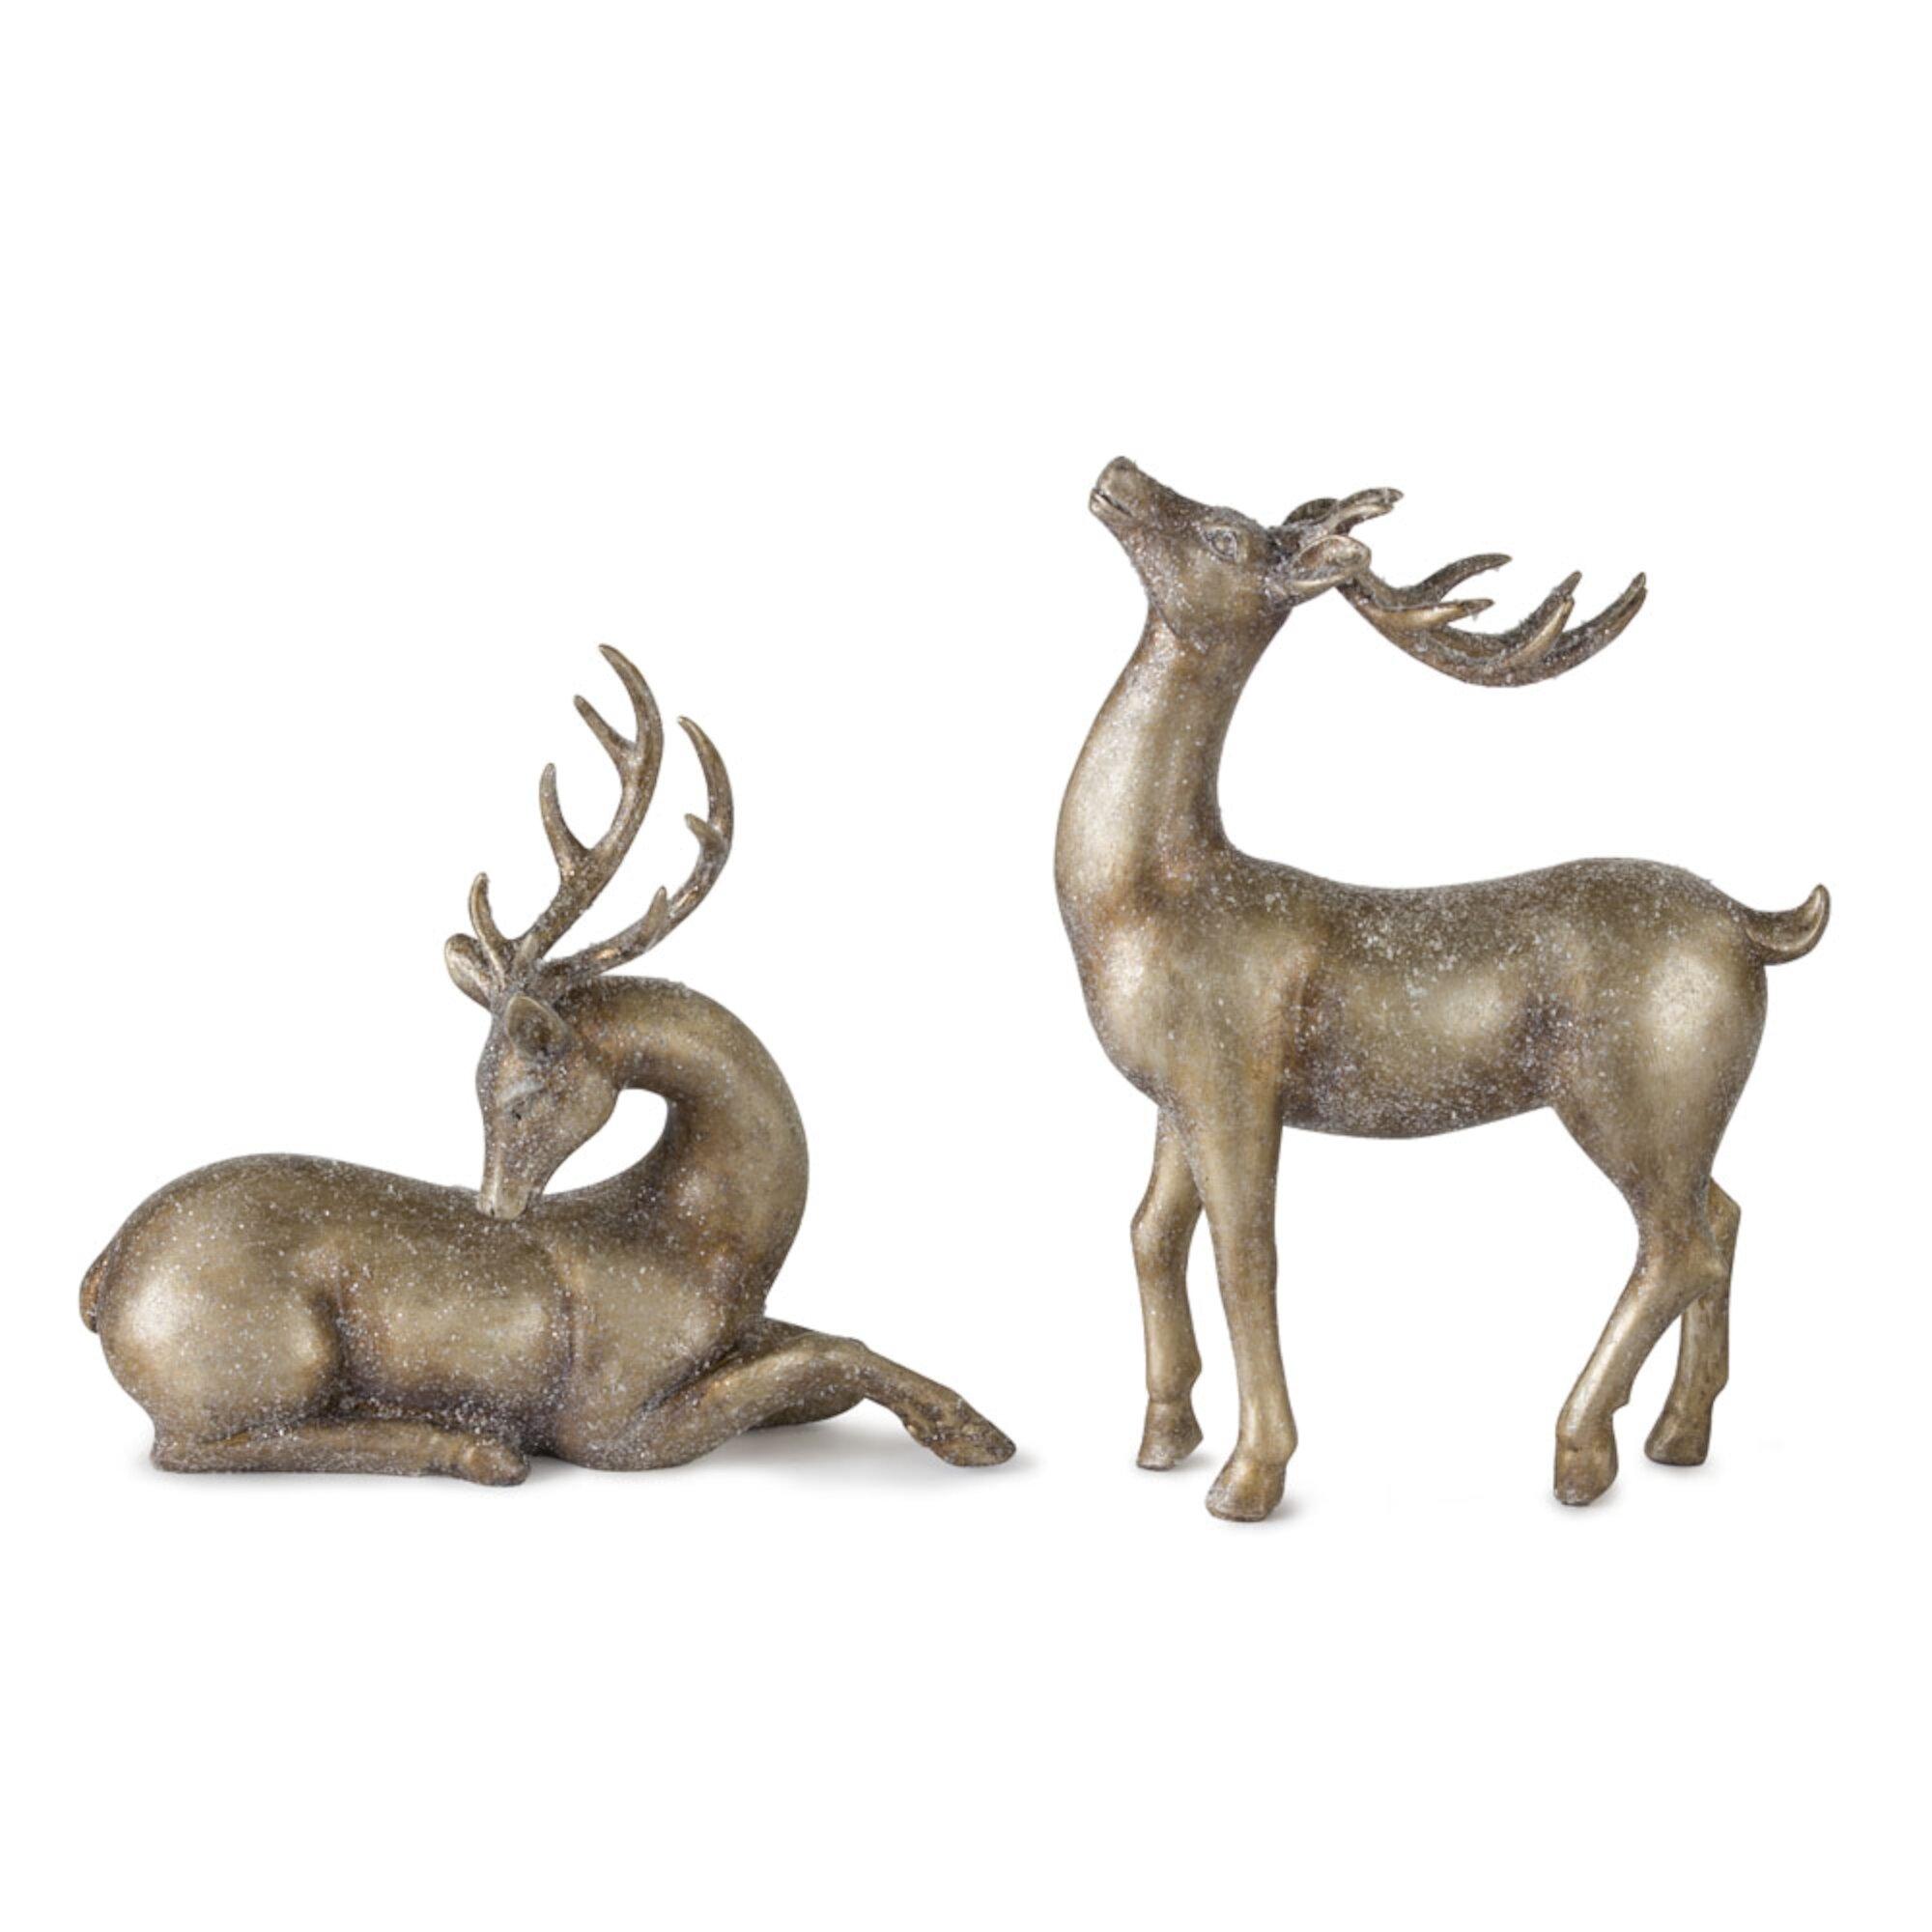 Gold Reindeer Figurines You Ll Love In 2021 Wayfair